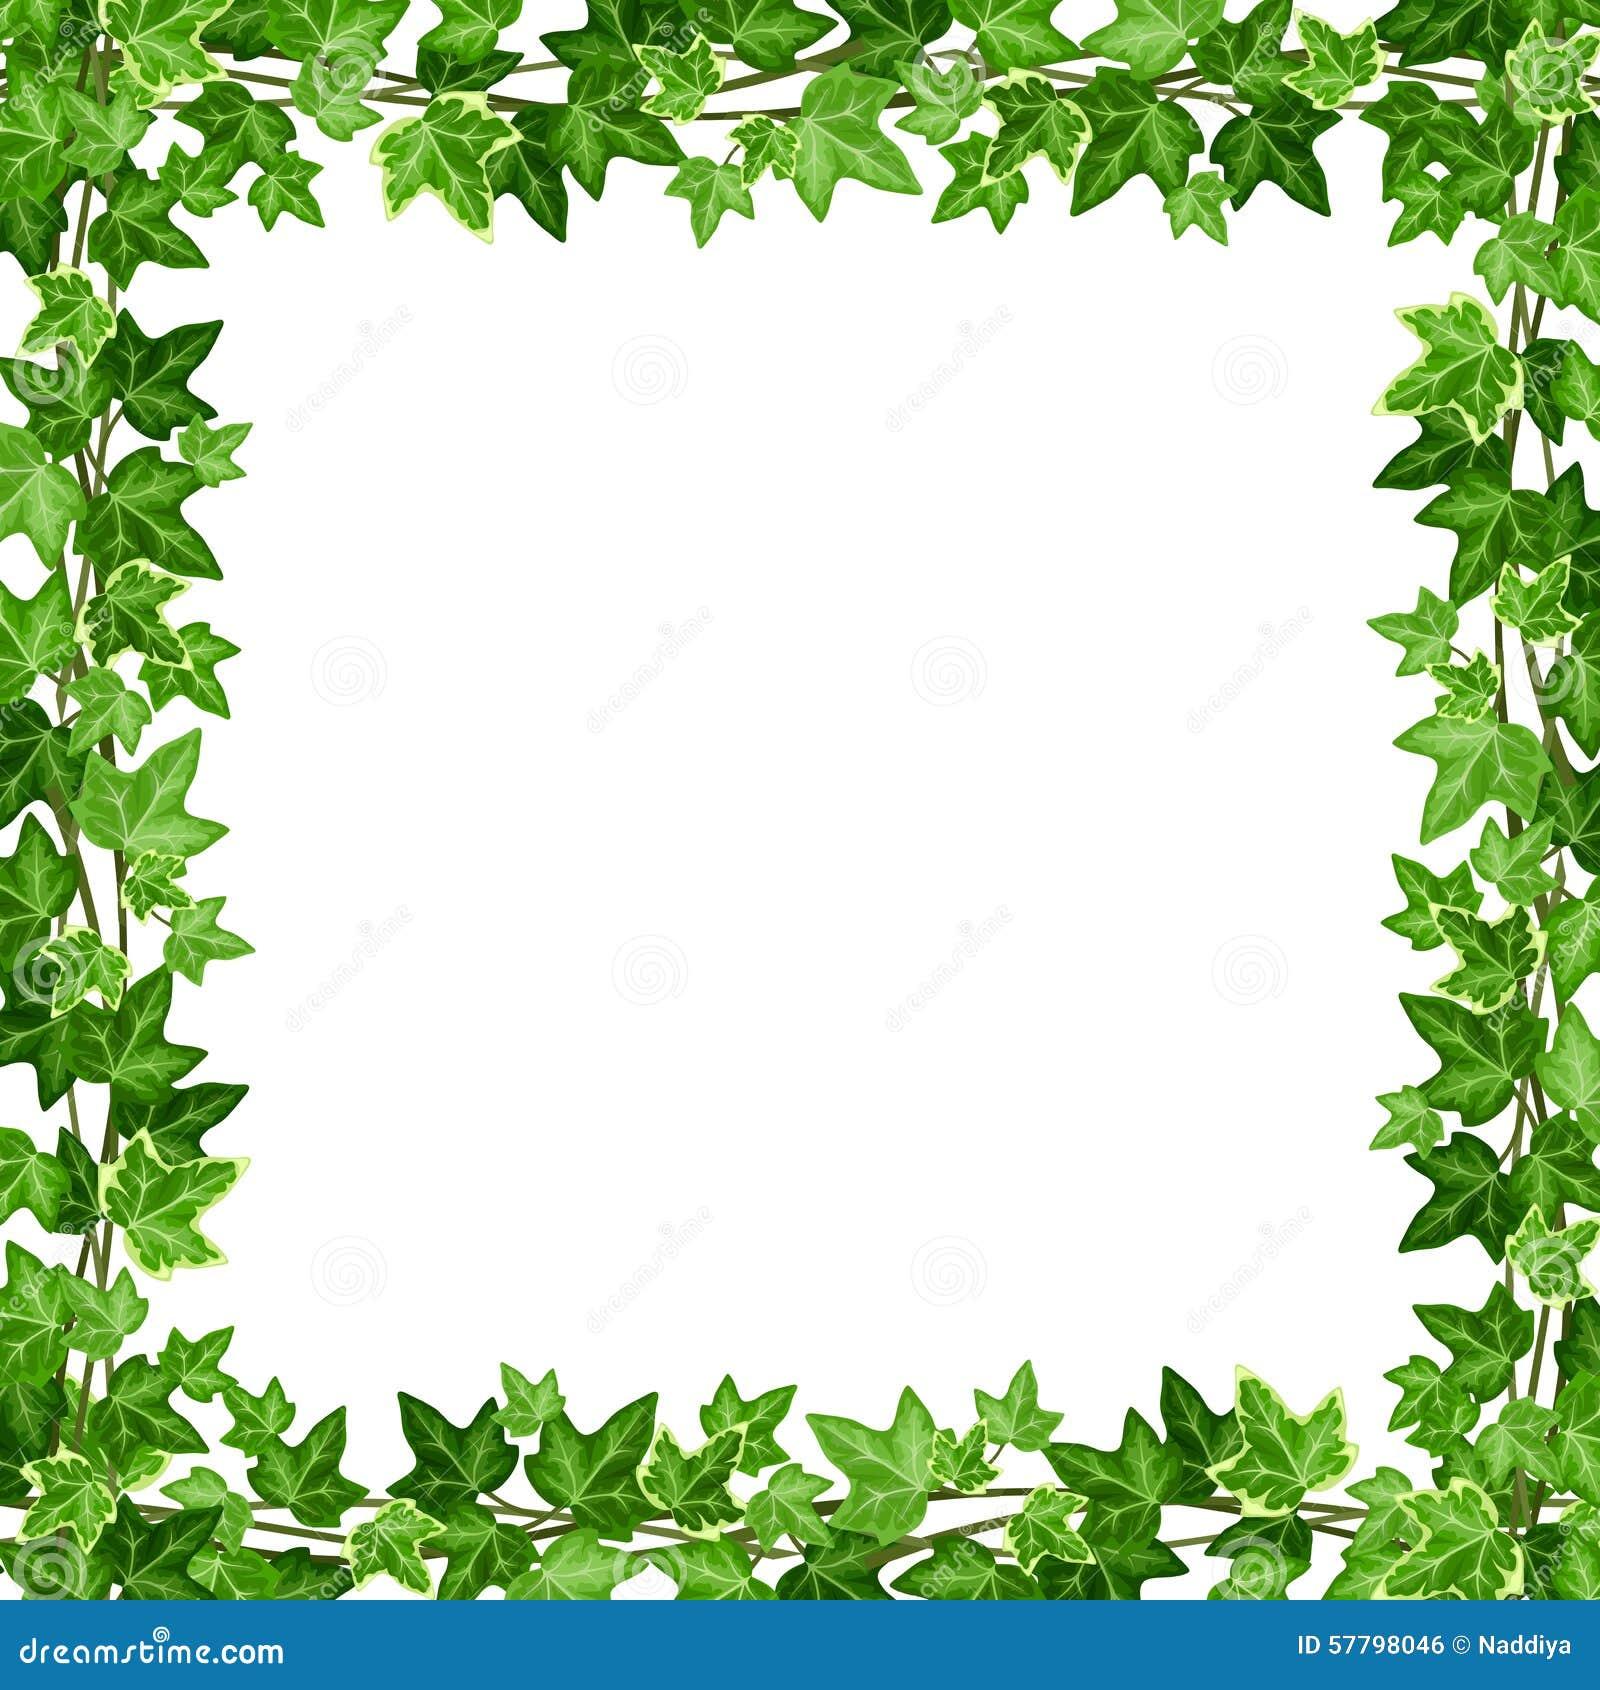 Cap tulo con las hojas verdes de la hiedra ilustraci n del - Marcos para plantas ...